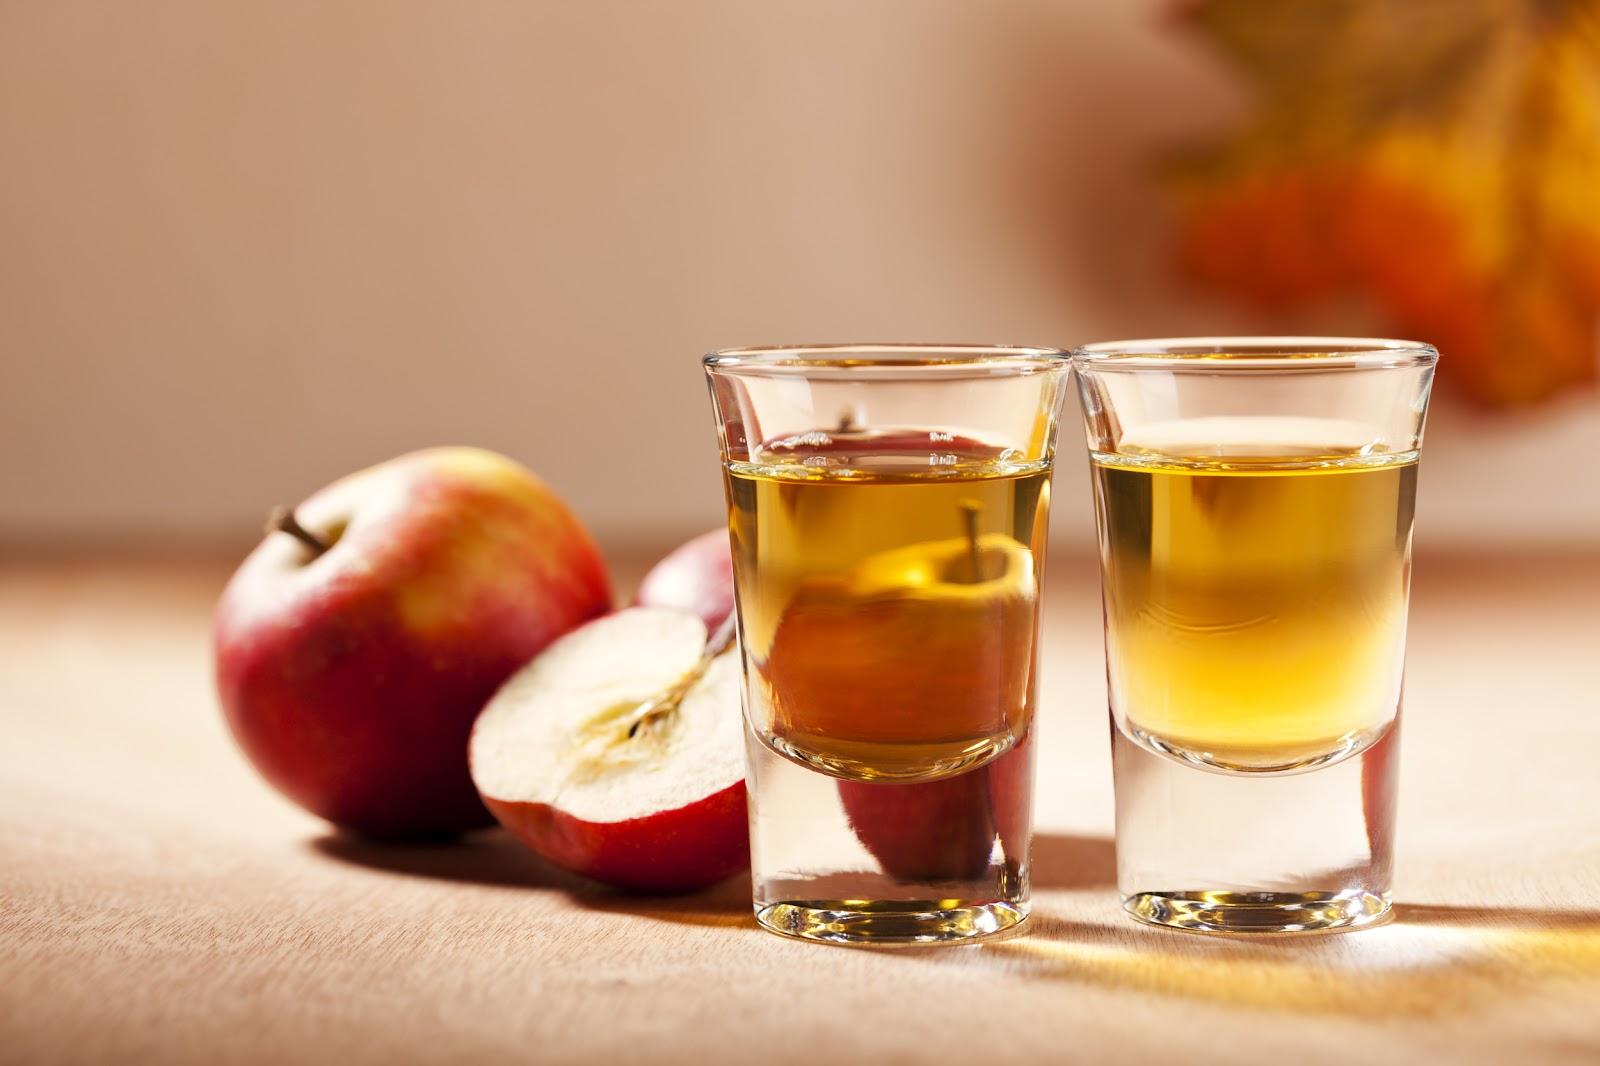 Biết được những công dụng của giấm táo, bạn chắc chắn sẽ sở hữu ngay 1 chai! - Ảnh 3